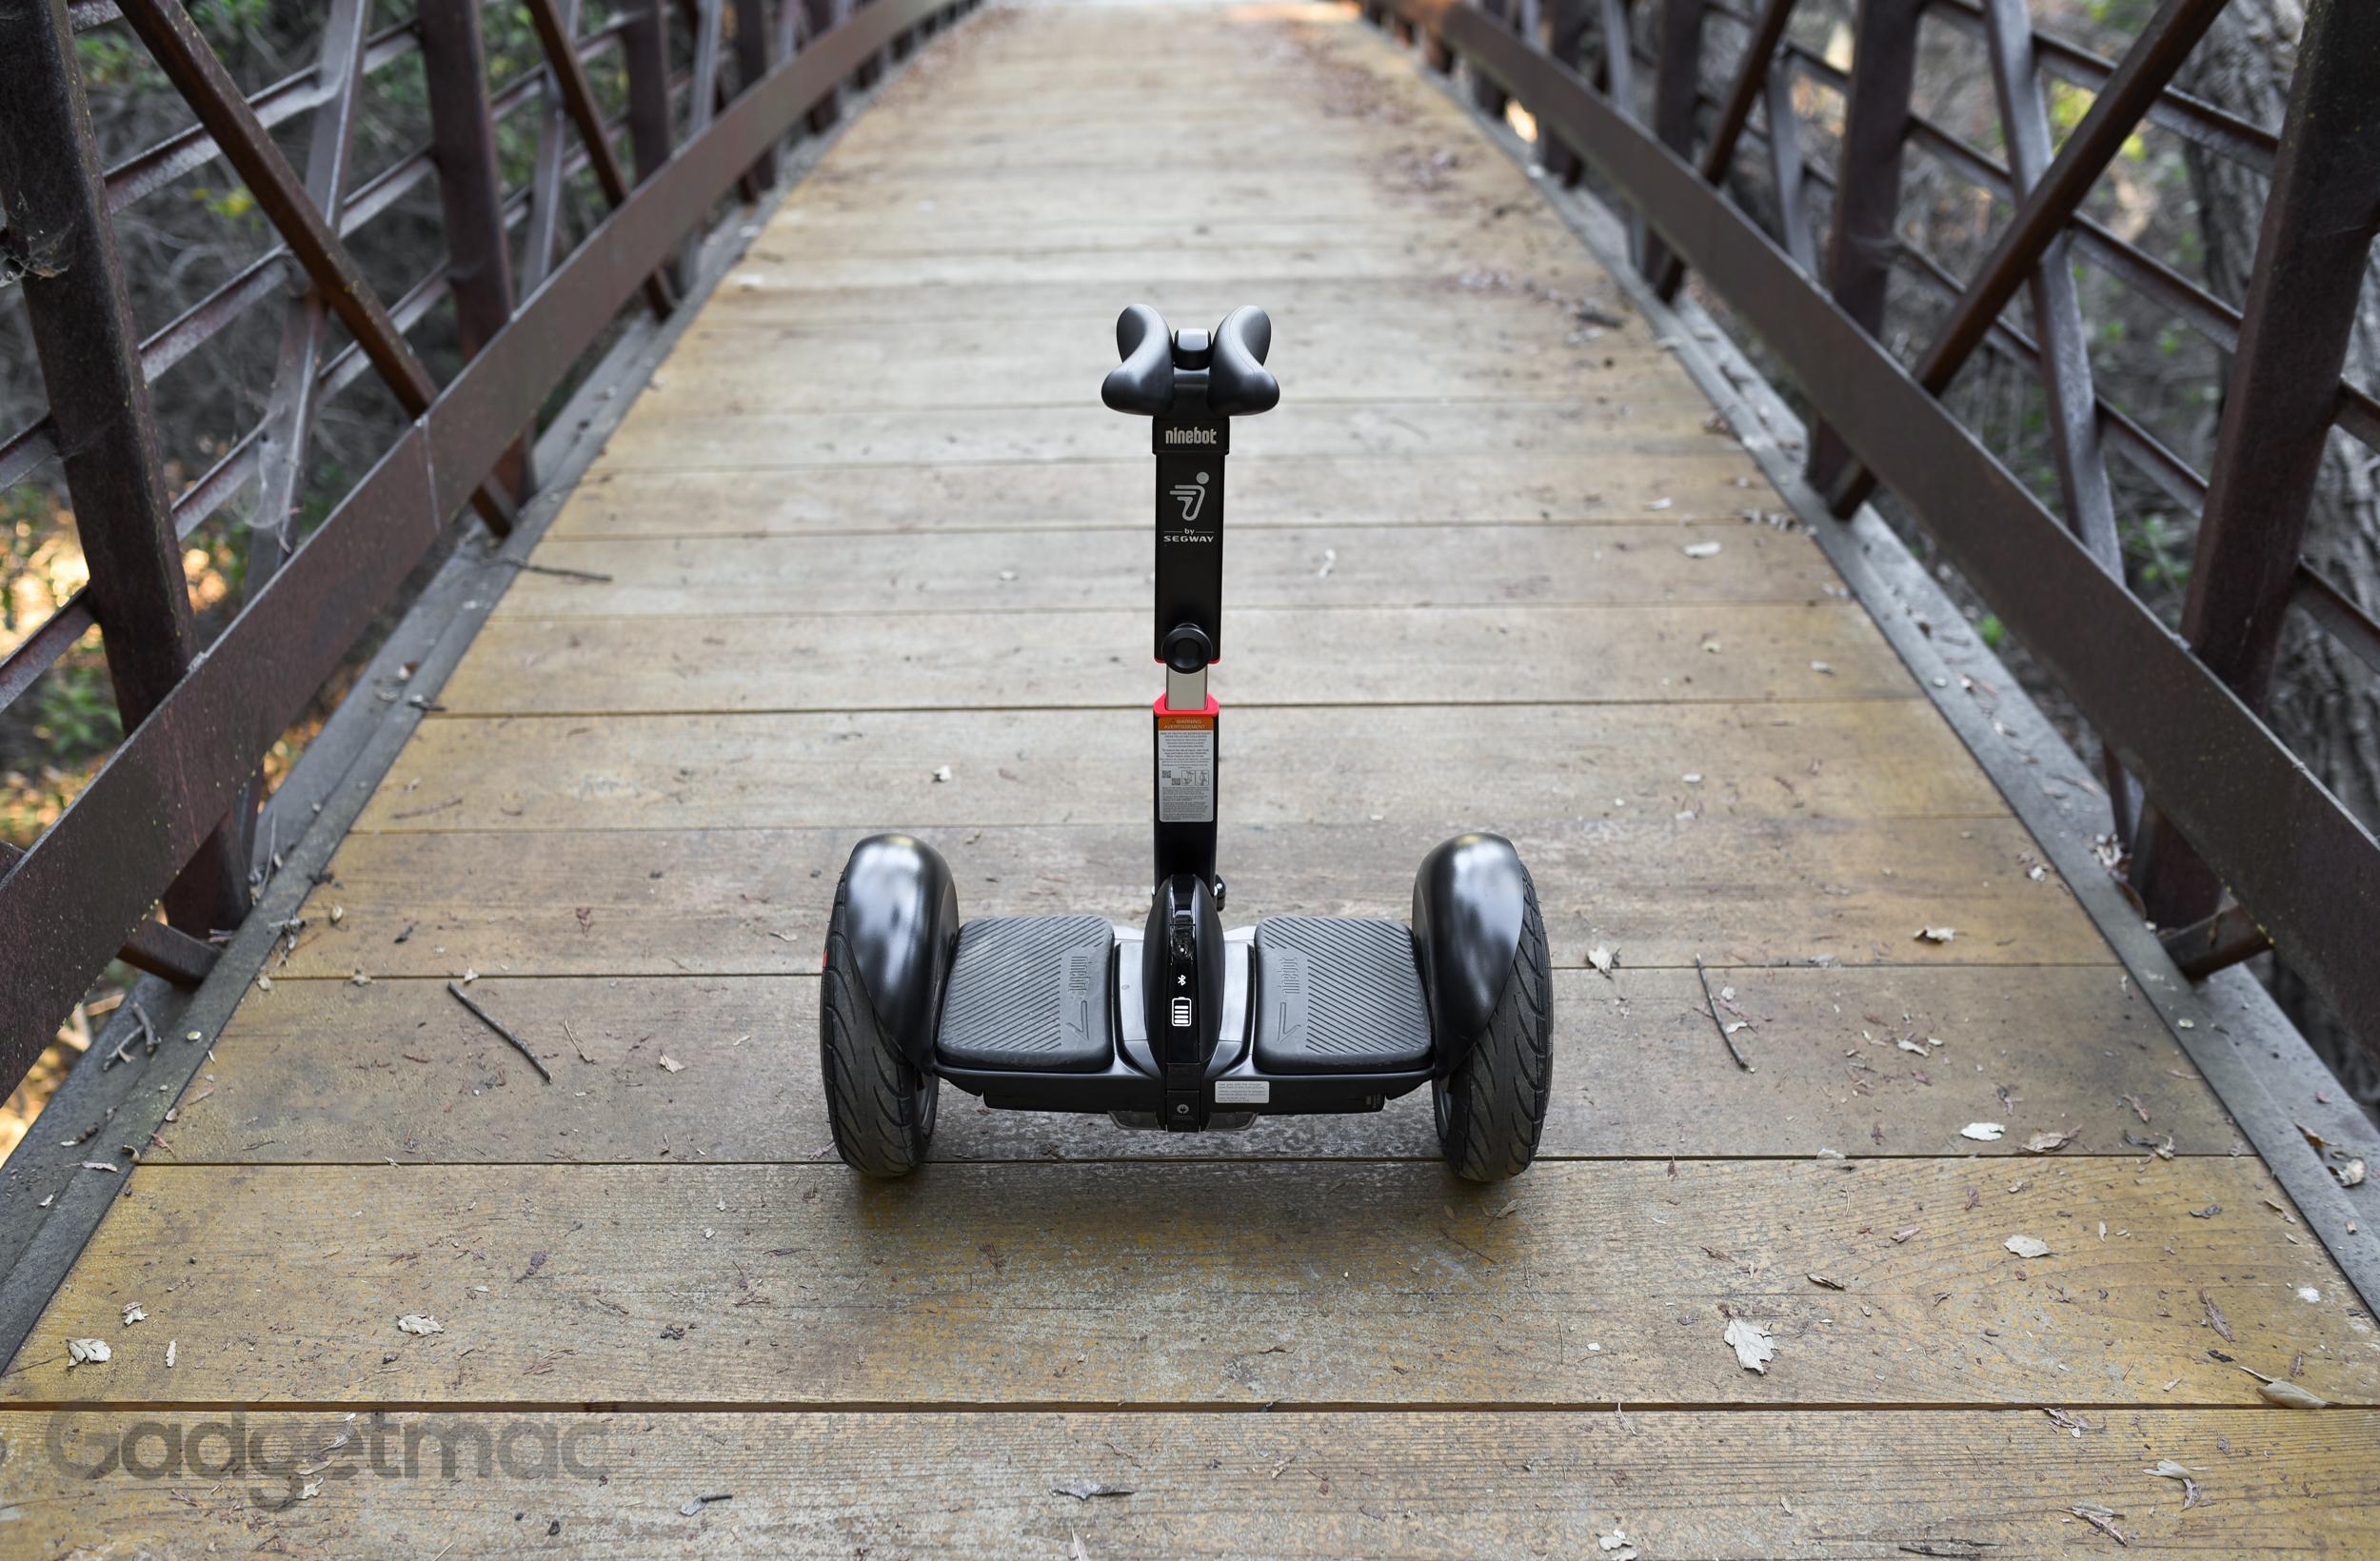 segway-ninebot-minipro.jpg